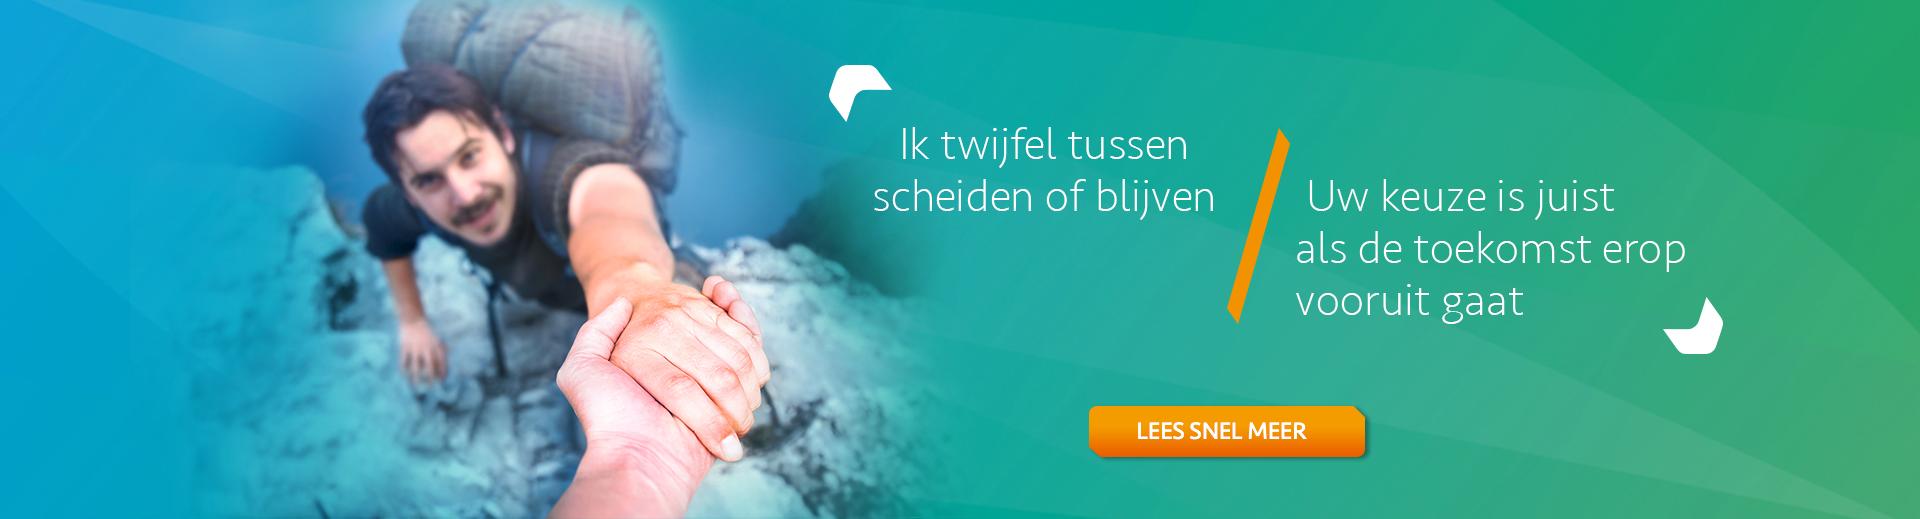 Scheiden of blijven inclusief test - Scheidingsplanner Hilversum - Bilthoven - Soest